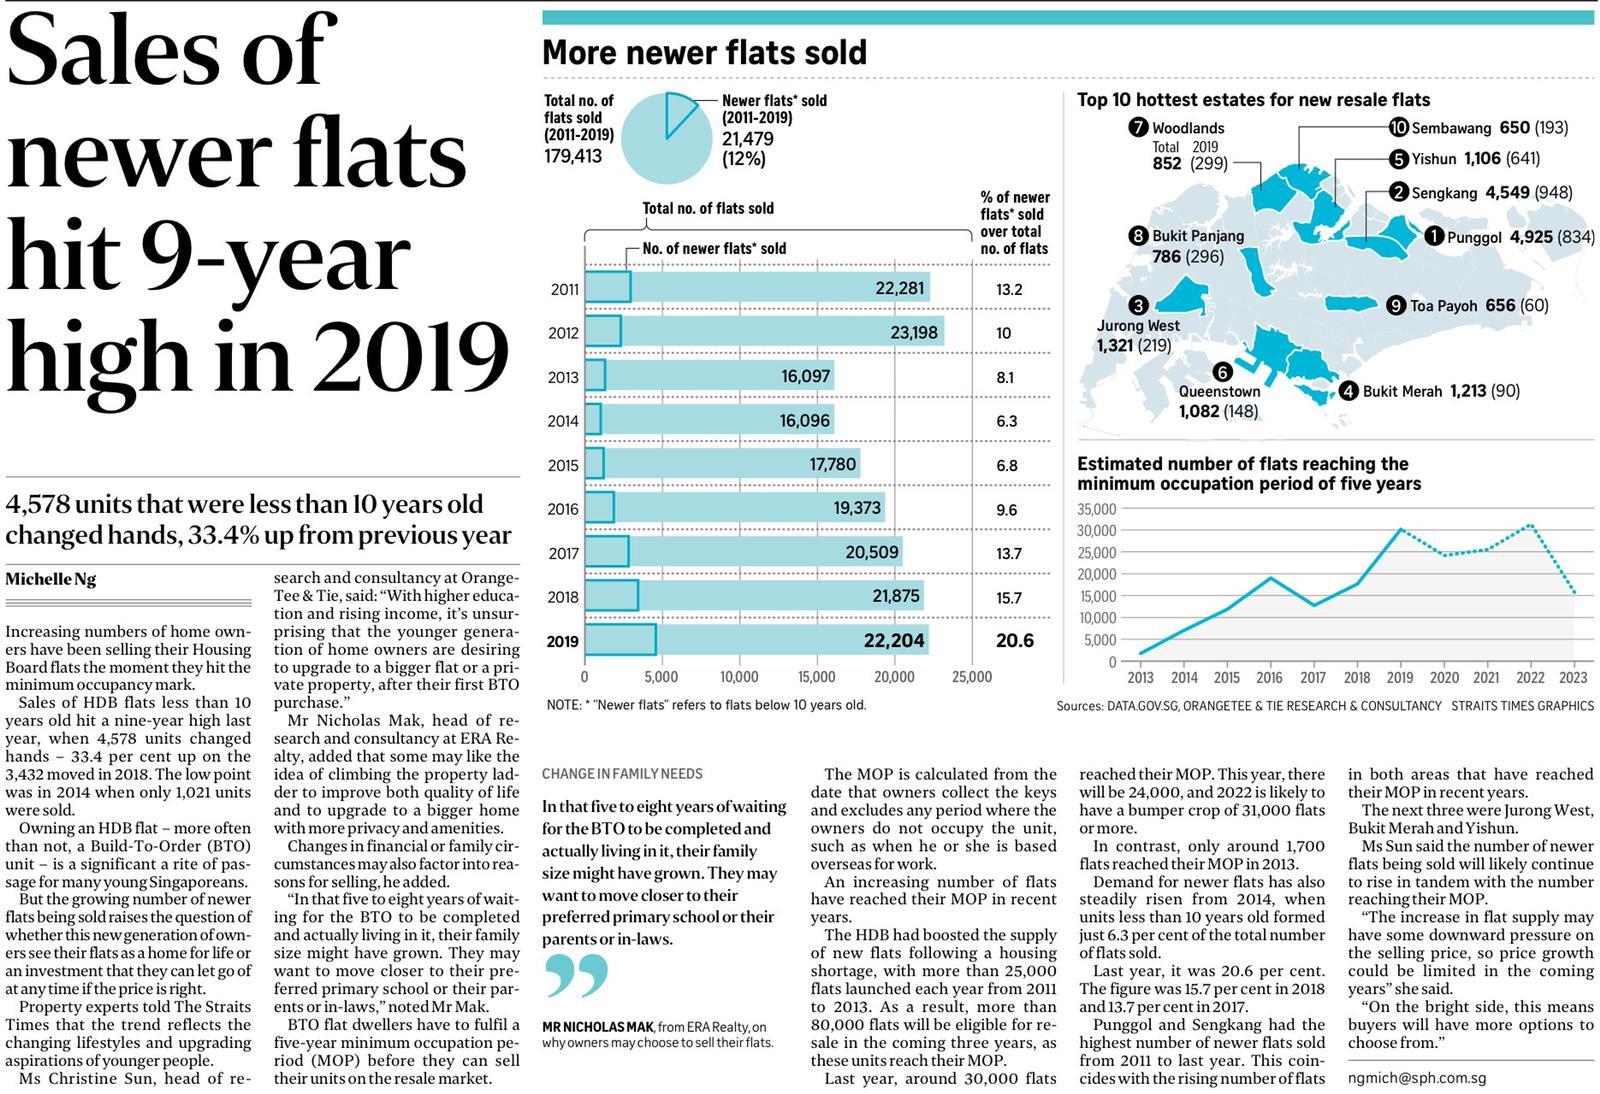 sales of mop flats